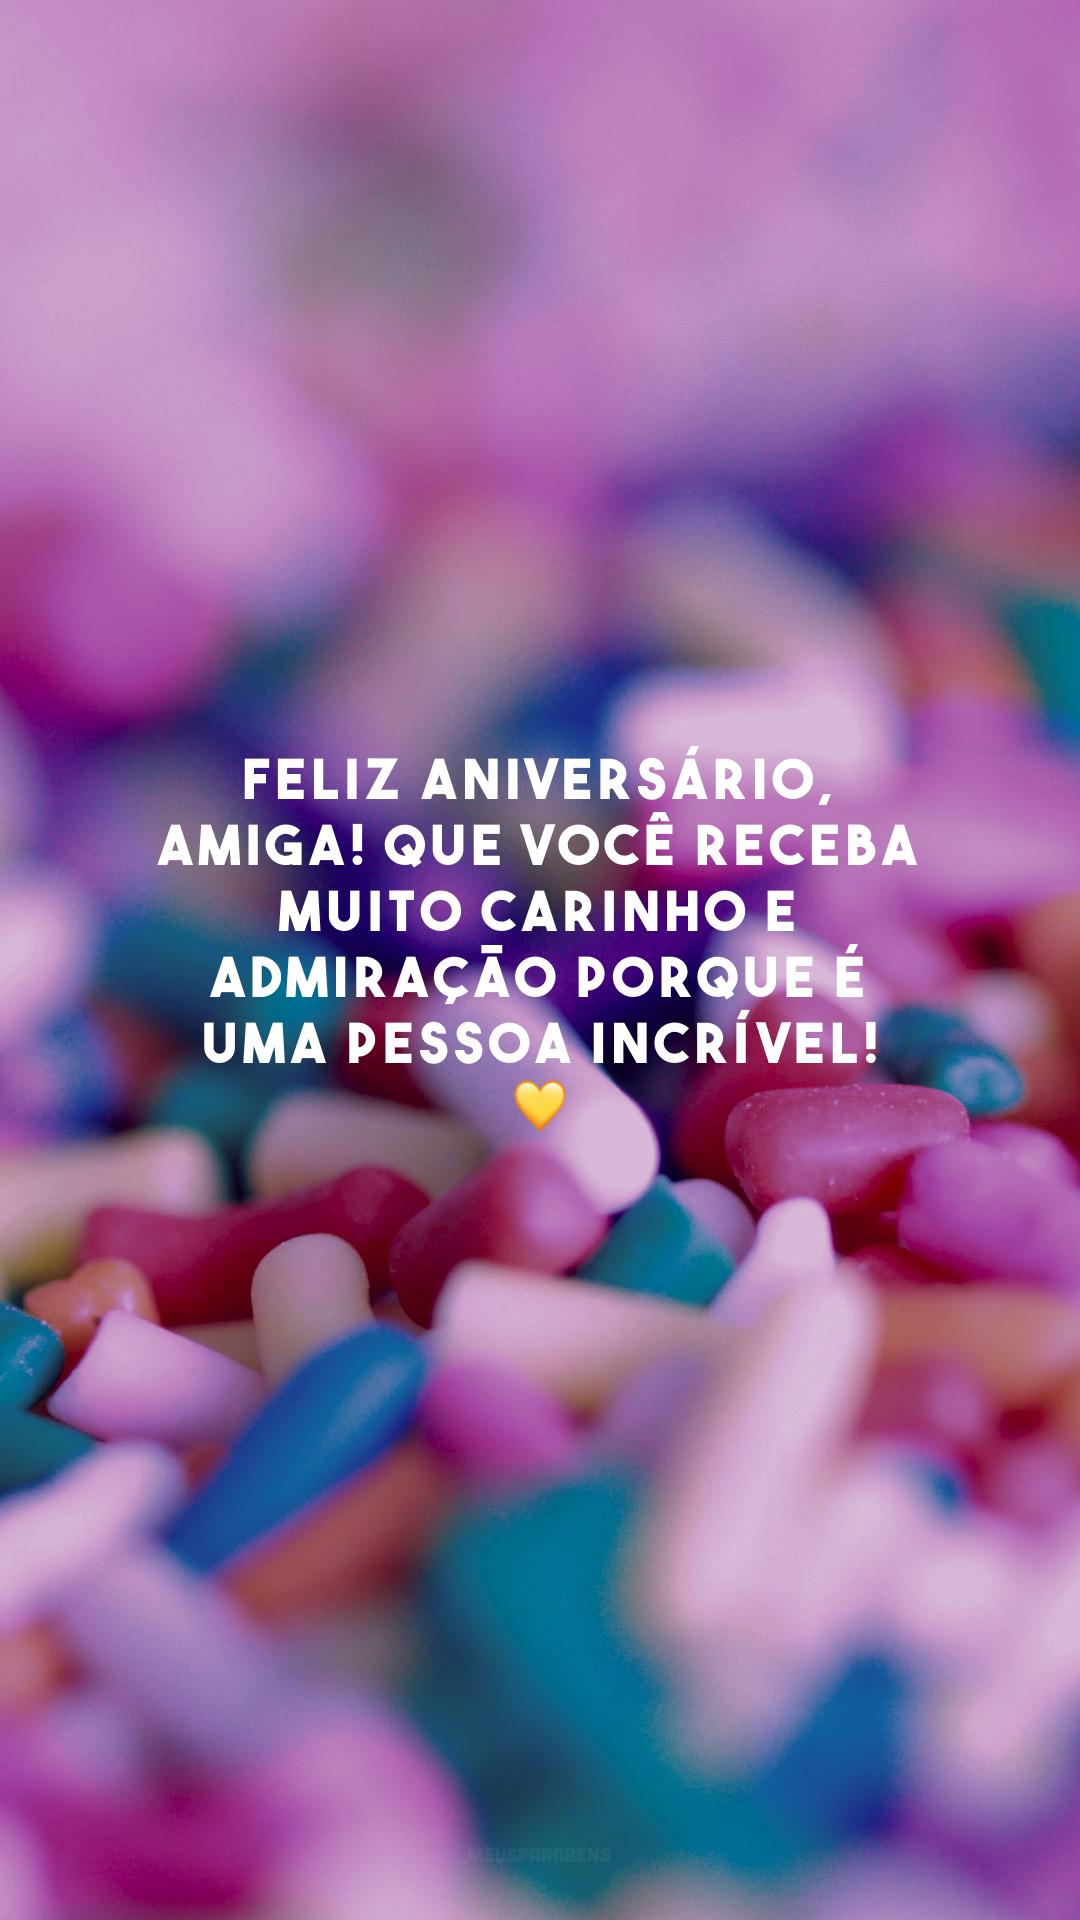 Feliz aniversário, amiga! Que você receba muito carinho e admiração porque é uma pessoa incrível! 💛